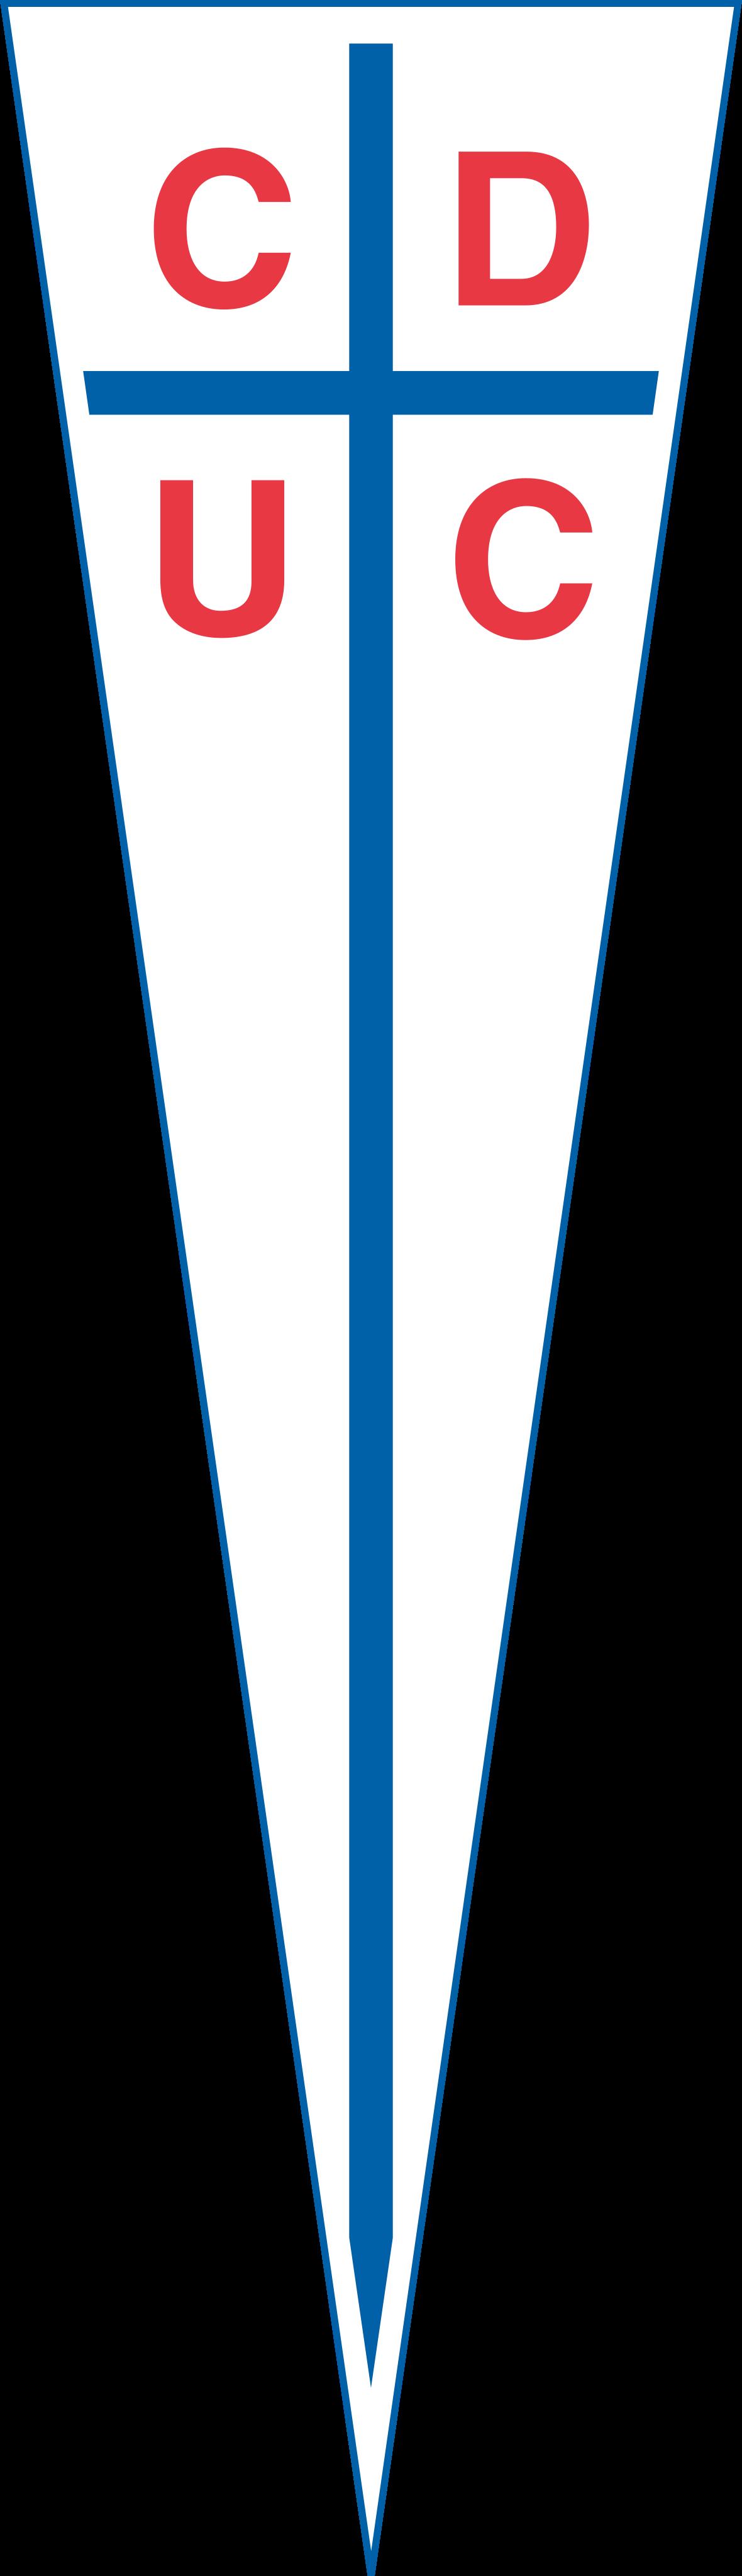 universidad catolica logo - Universidad Católica Logo – Escudo